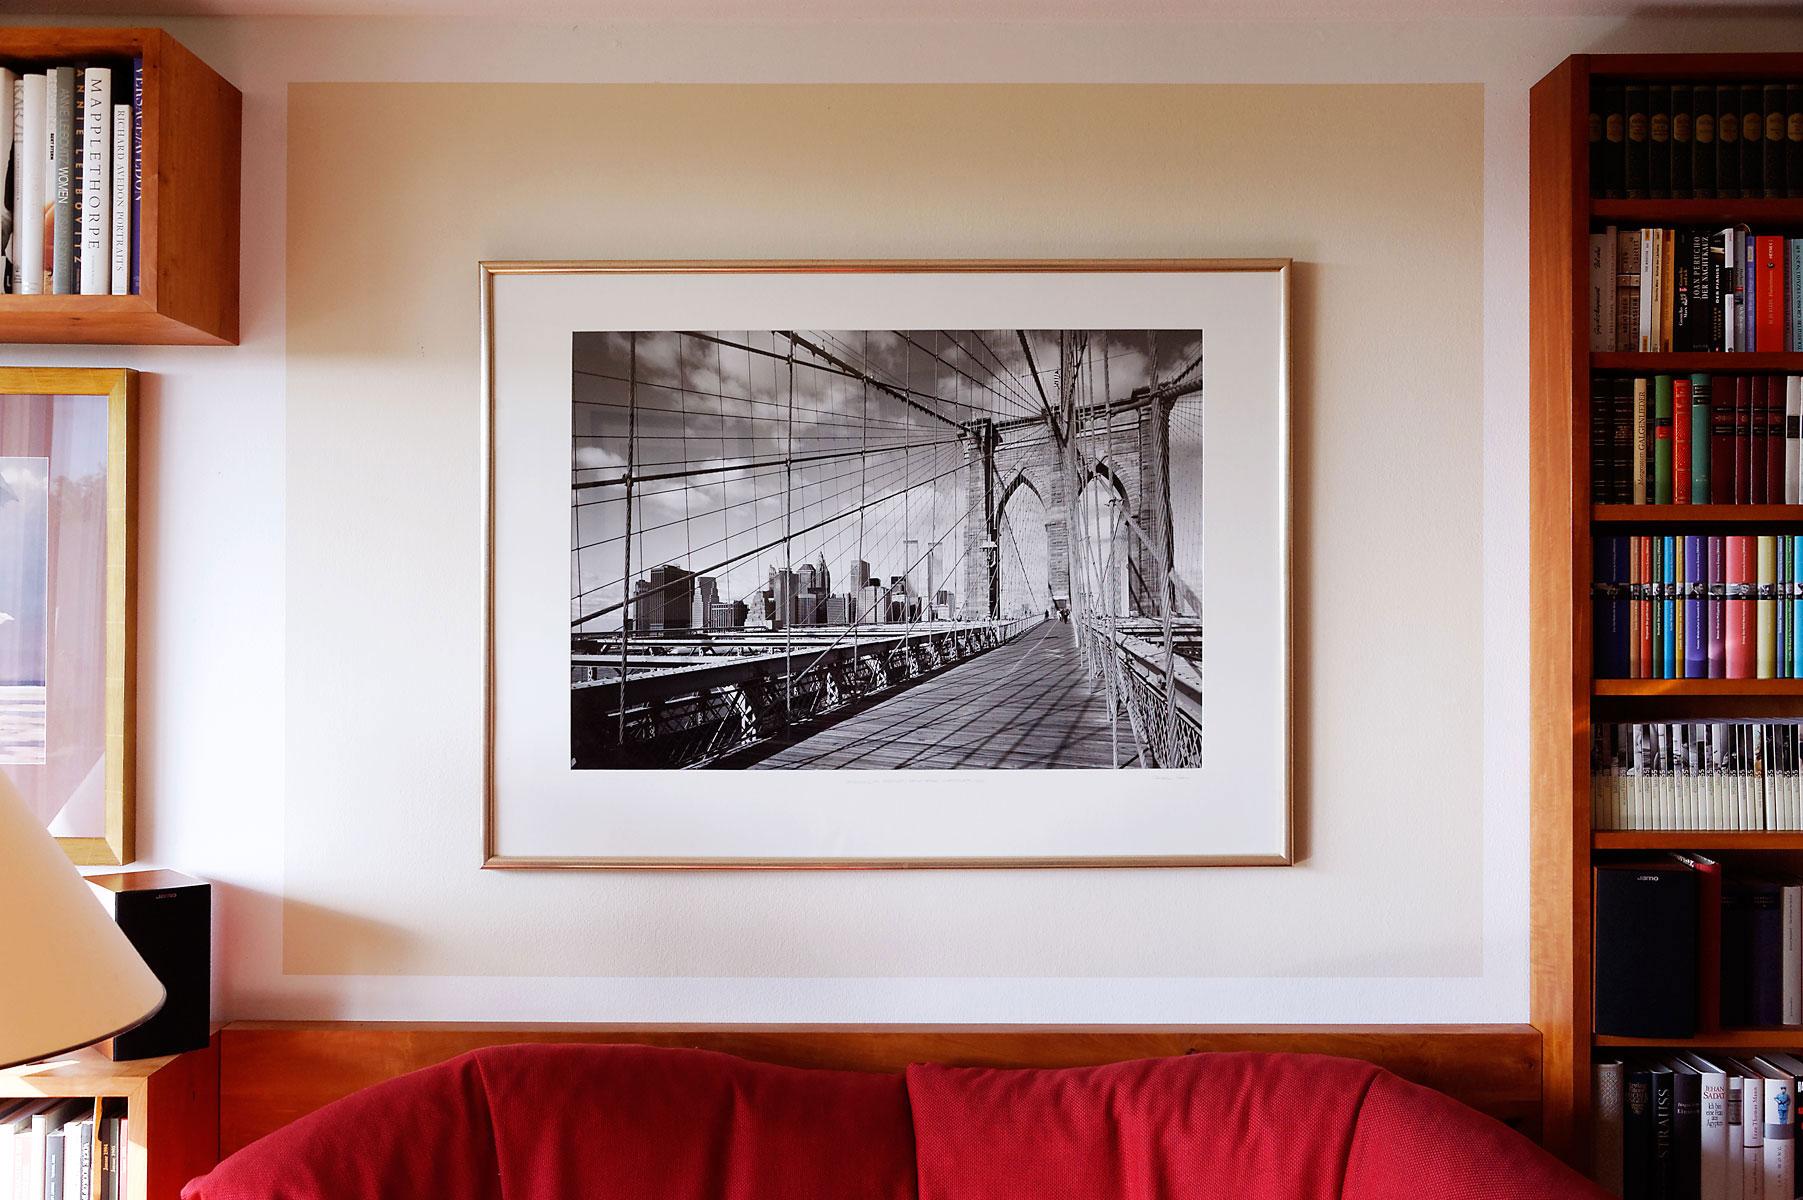 fine art fotografie an der wand fotograf christoph vohler. Black Bedroom Furniture Sets. Home Design Ideas